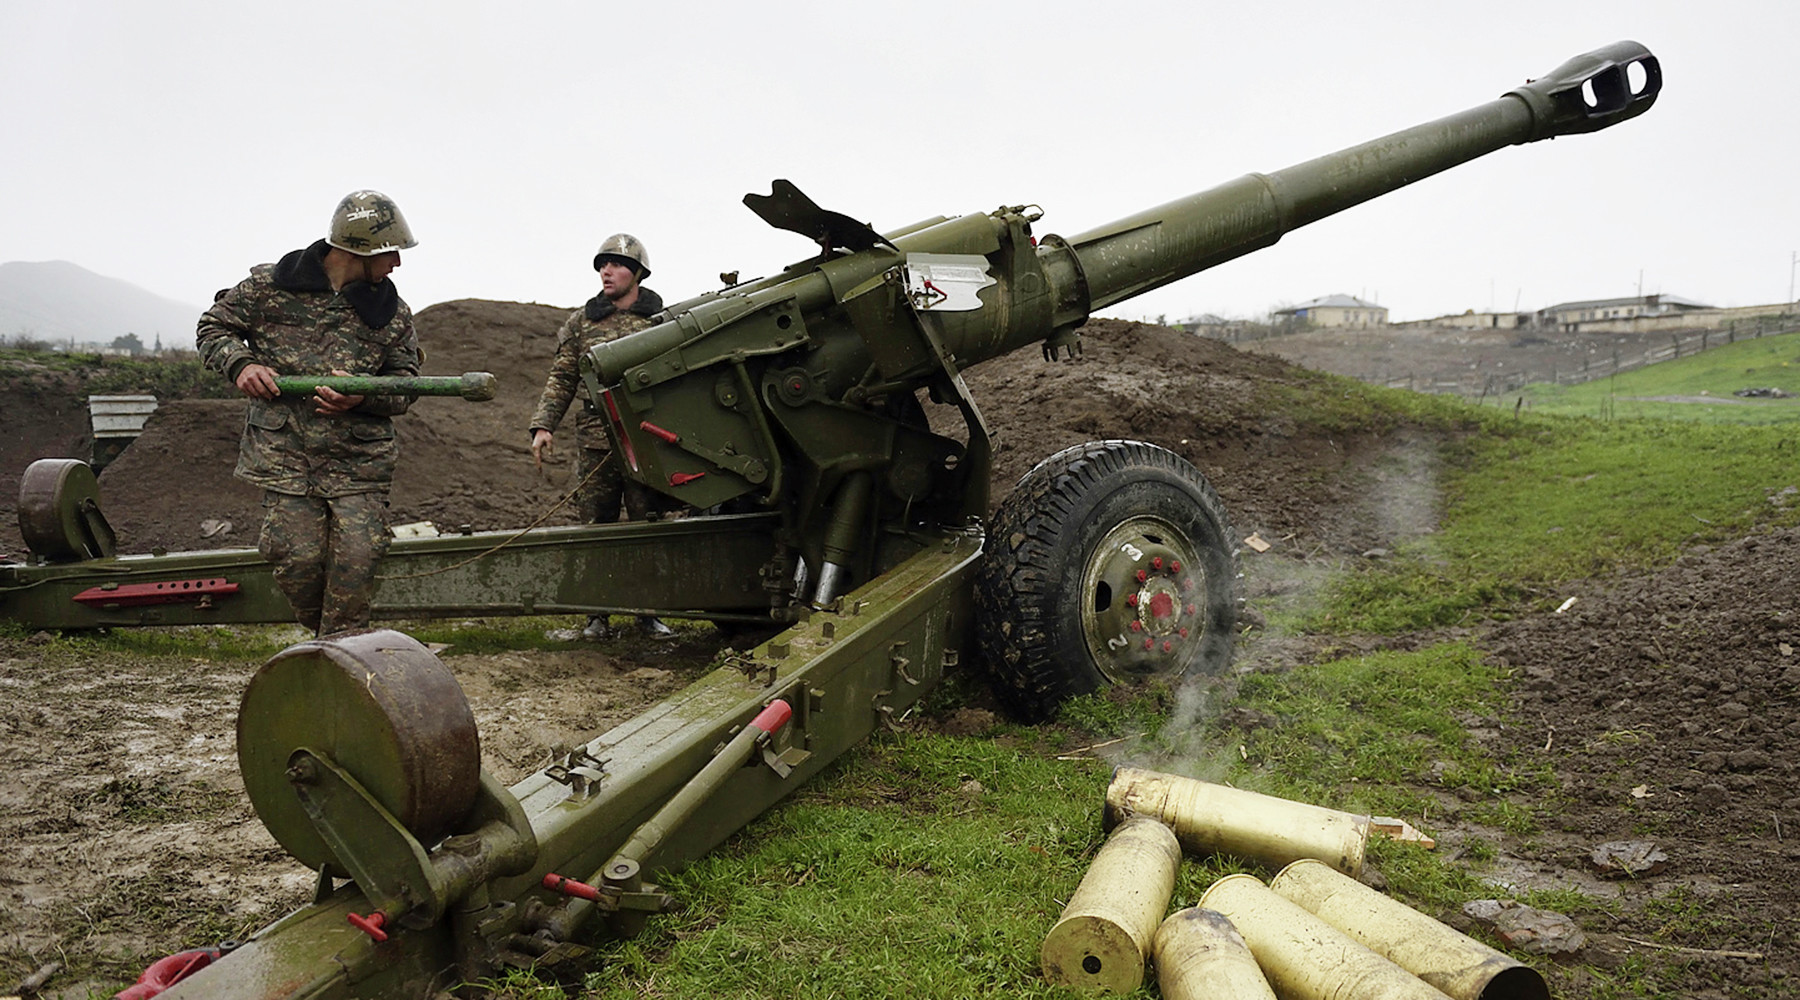 Мирные инициативы: чего ждать от новой фазы переговоров по урегулированию проблемы Нагорного Карабаха